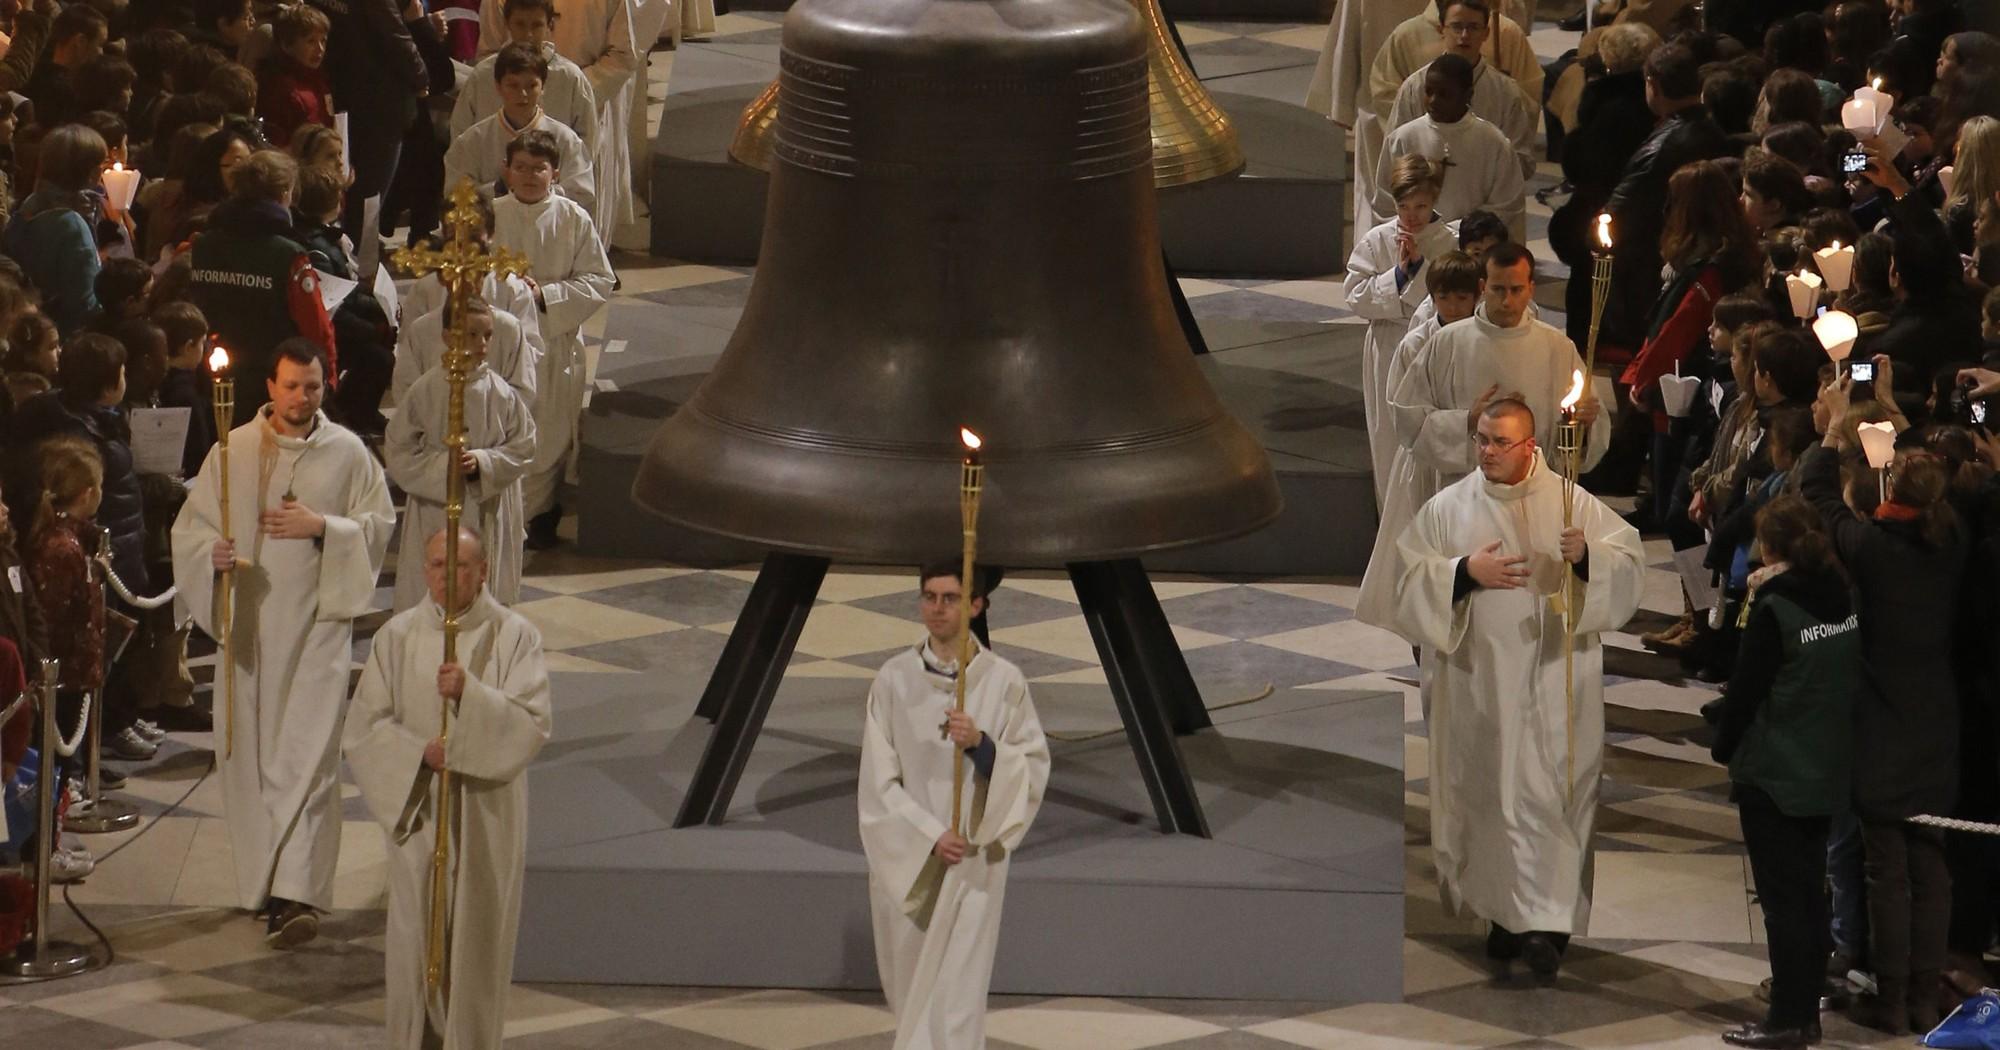 Những bảo vật khiến Nhà thờ Đức Bà Paris là biểu tượng bất diệt trong trái tim người Pháp: Bao nhiêu thứ còn nguyên vẹn sau đám cháy? - Ảnh 6.